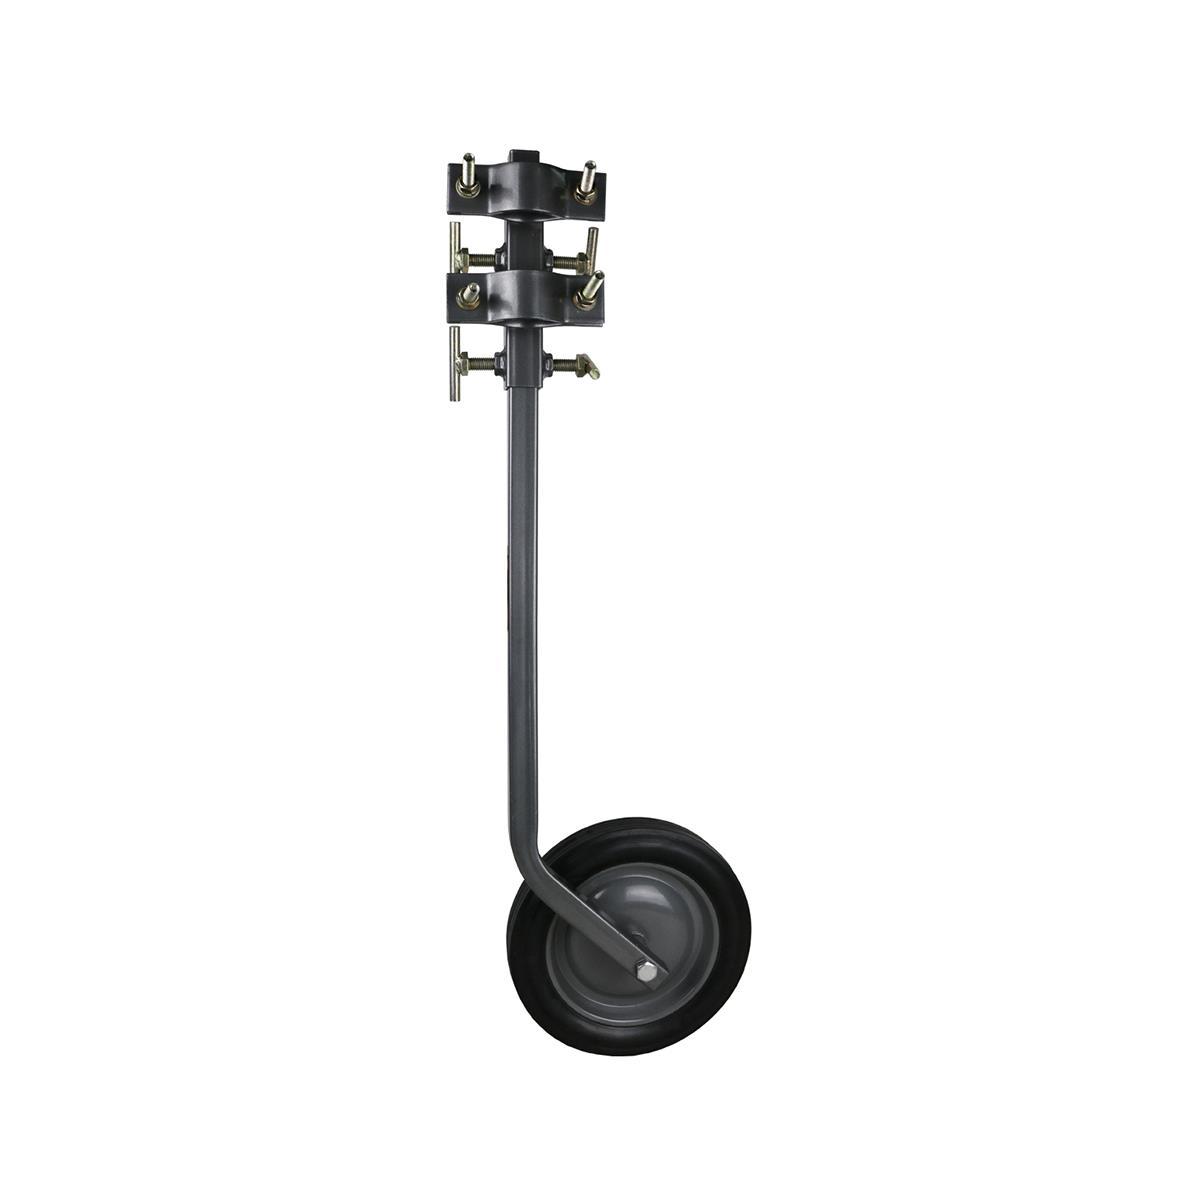 Adjustable Gate Wheel